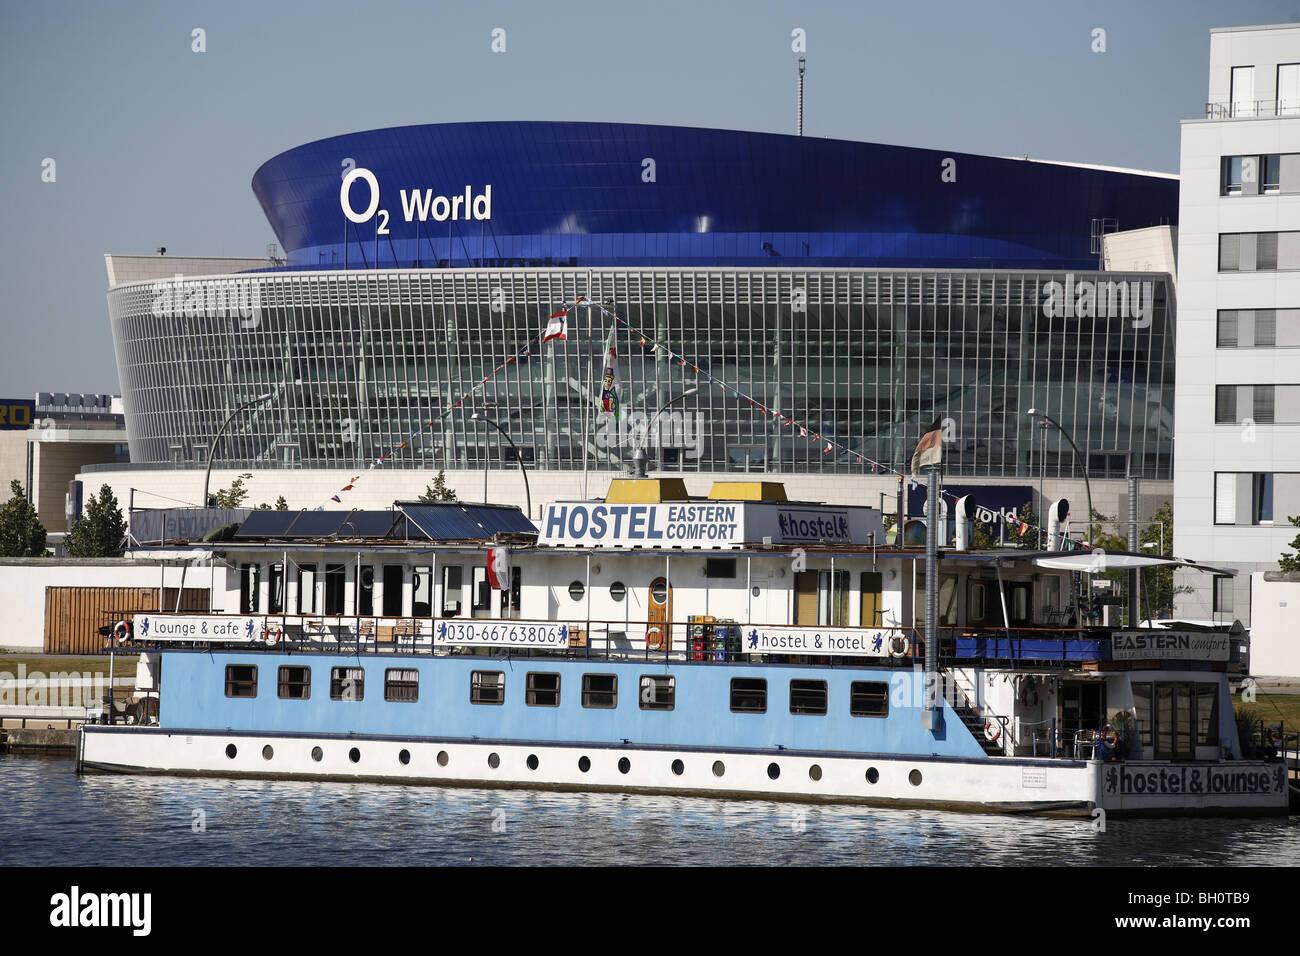 O2 World de Berlín Spree EASTERN COMFORT HOSTEL Imagen De Stock